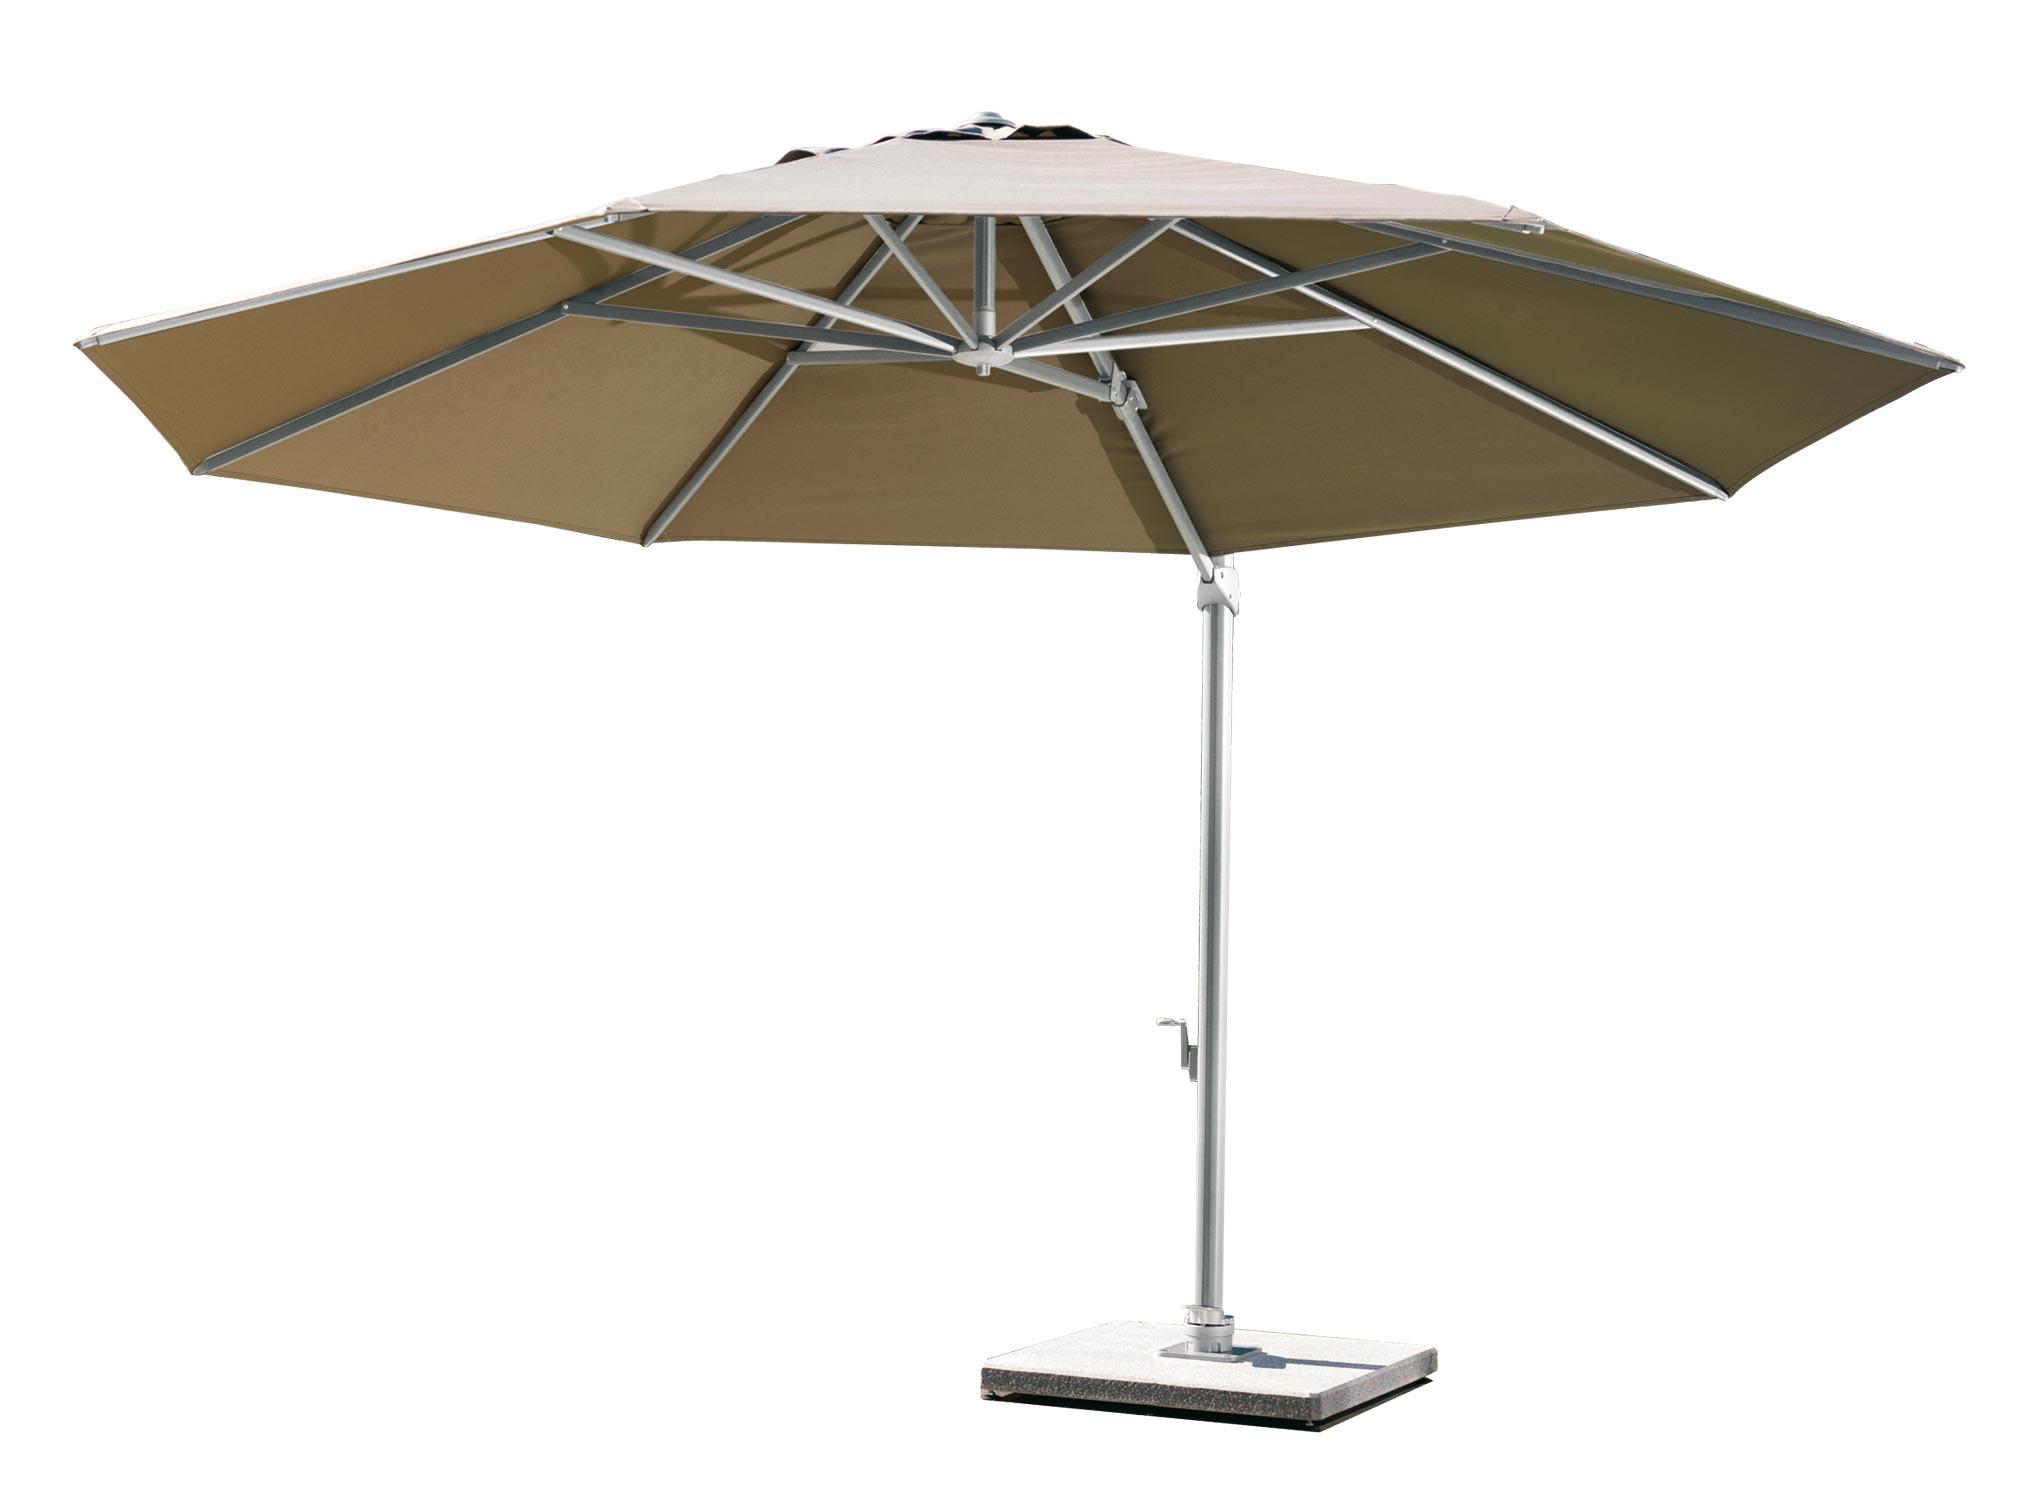 Freiarm Sonnenschirm Von Weishaupl Rund 350 Cm Kaufen Bei Villa